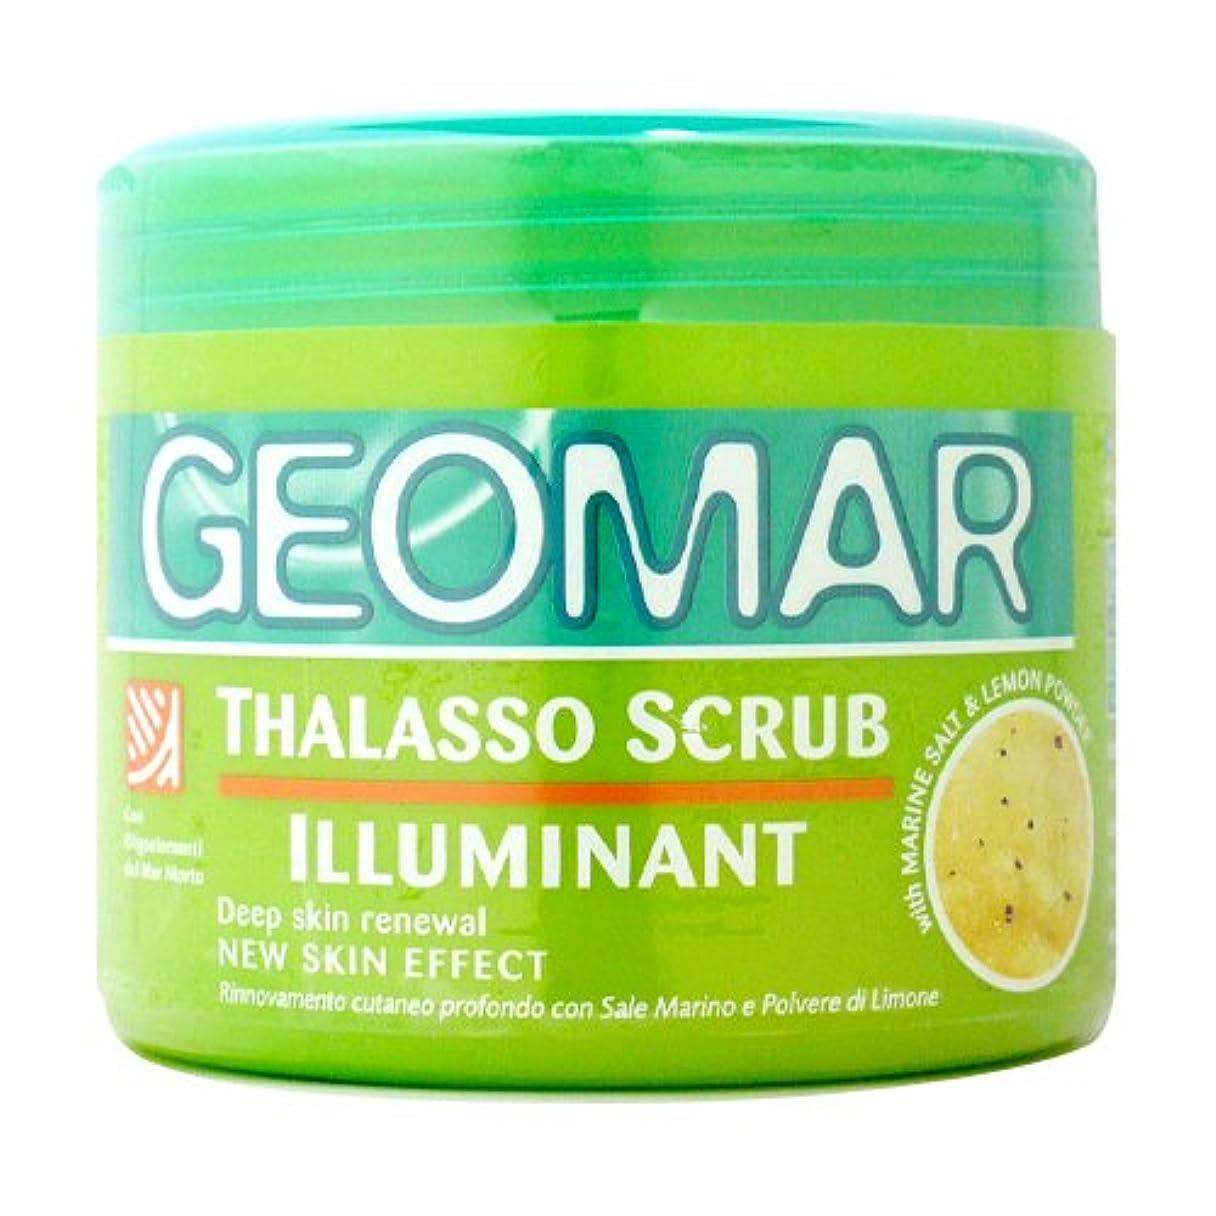 追加豊富に平和的ジェオマール タラソスクラブ イルミナント (ブライトレモン) 600g